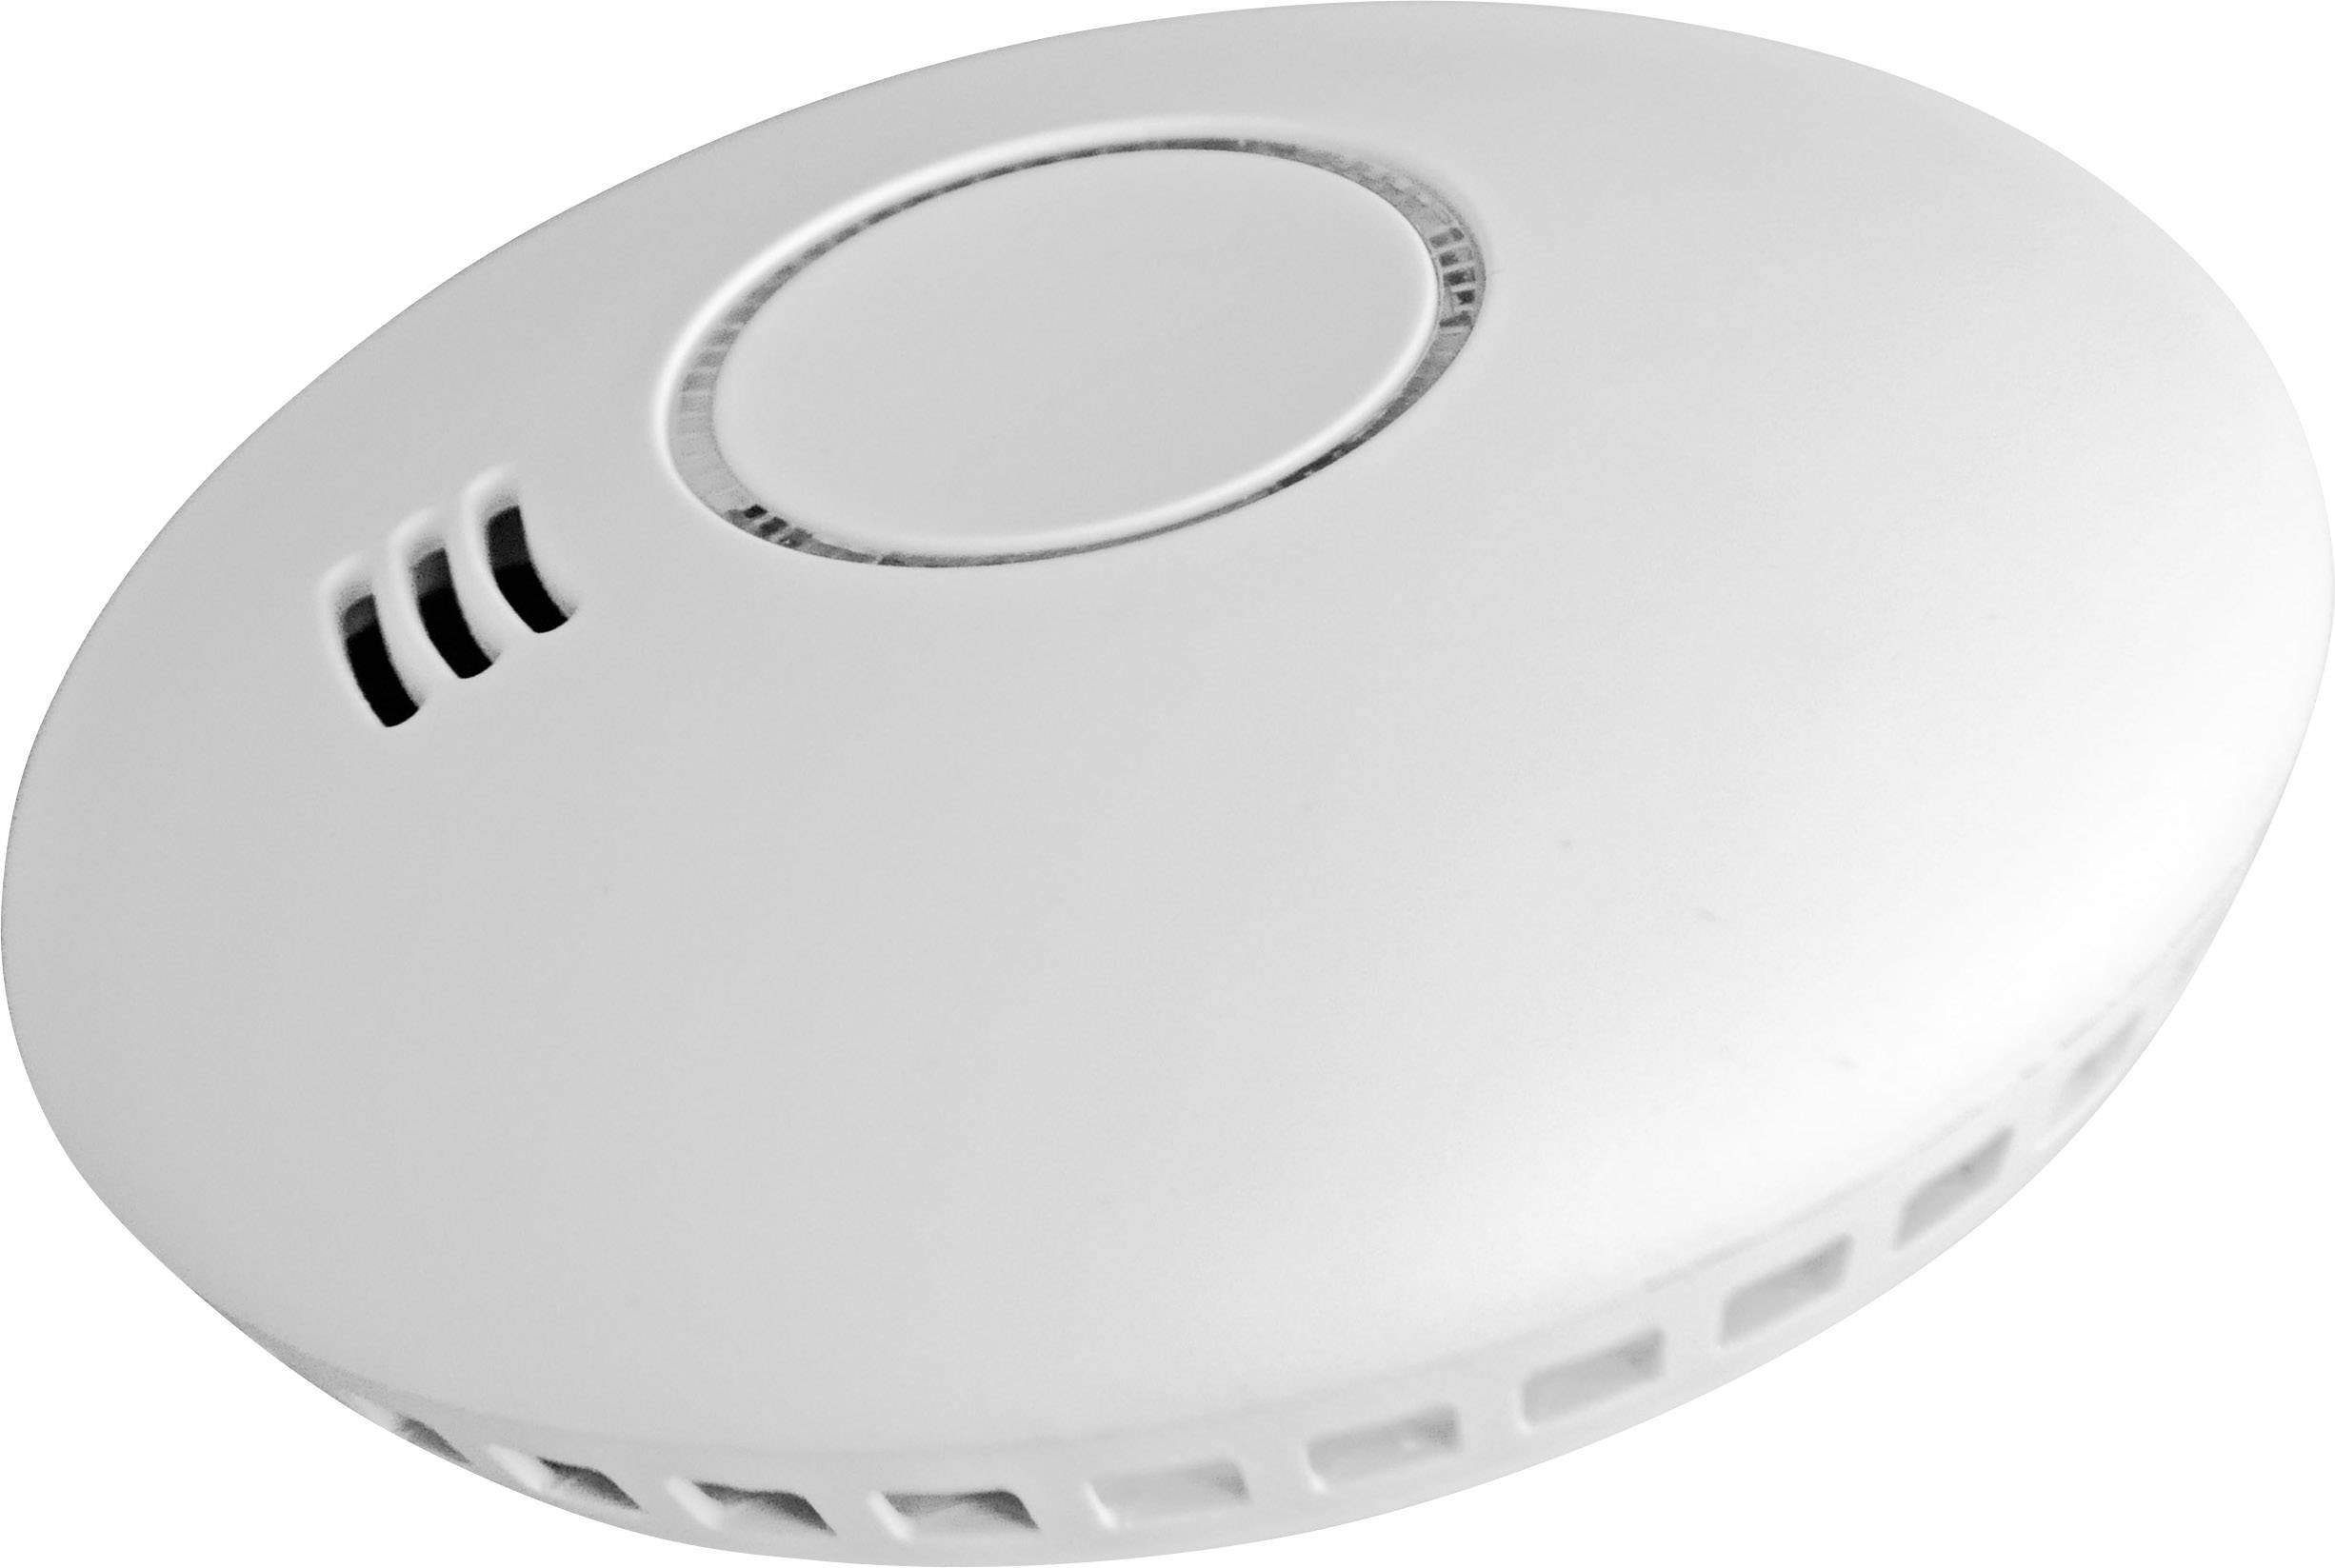 Bezdrôtový detektor dymu a tepla Cordes CC-80, možnosť zapojenia do siete,na batérie